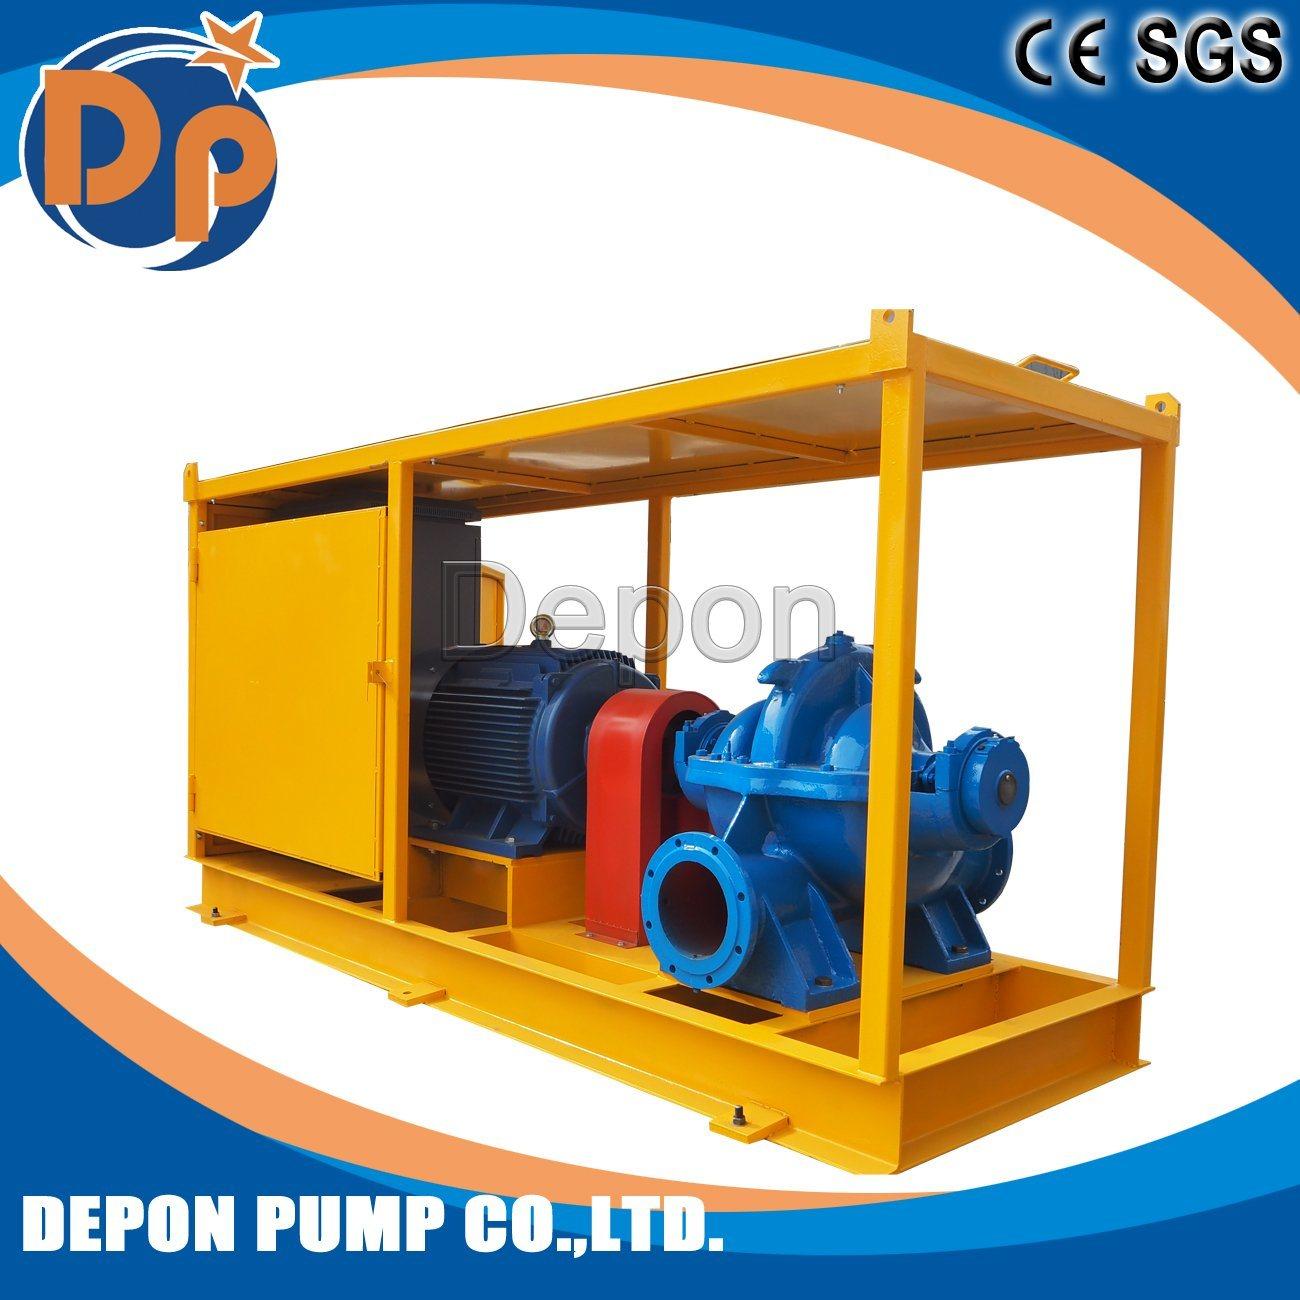 Double Suction Split Case Pump